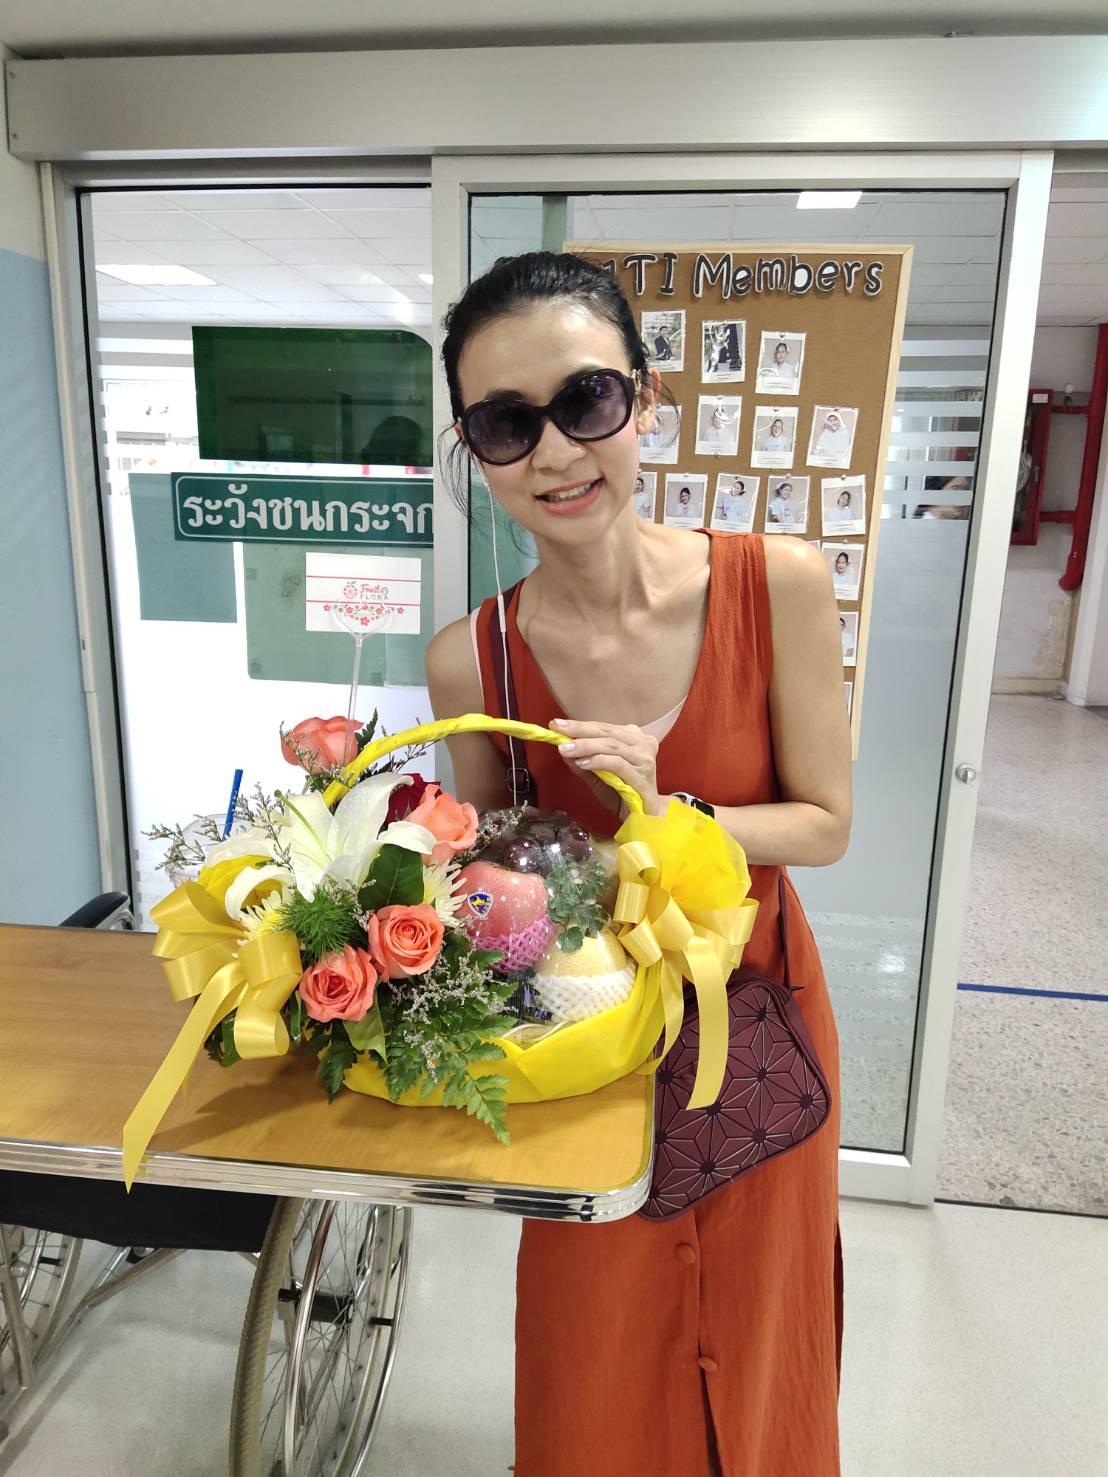 ช่อดอกกุหลาบสวย ๆ แซมด้วยดอกมัมและดอกยิปโซ เต็มไปด้วยความปรารถนาดีค่ะ